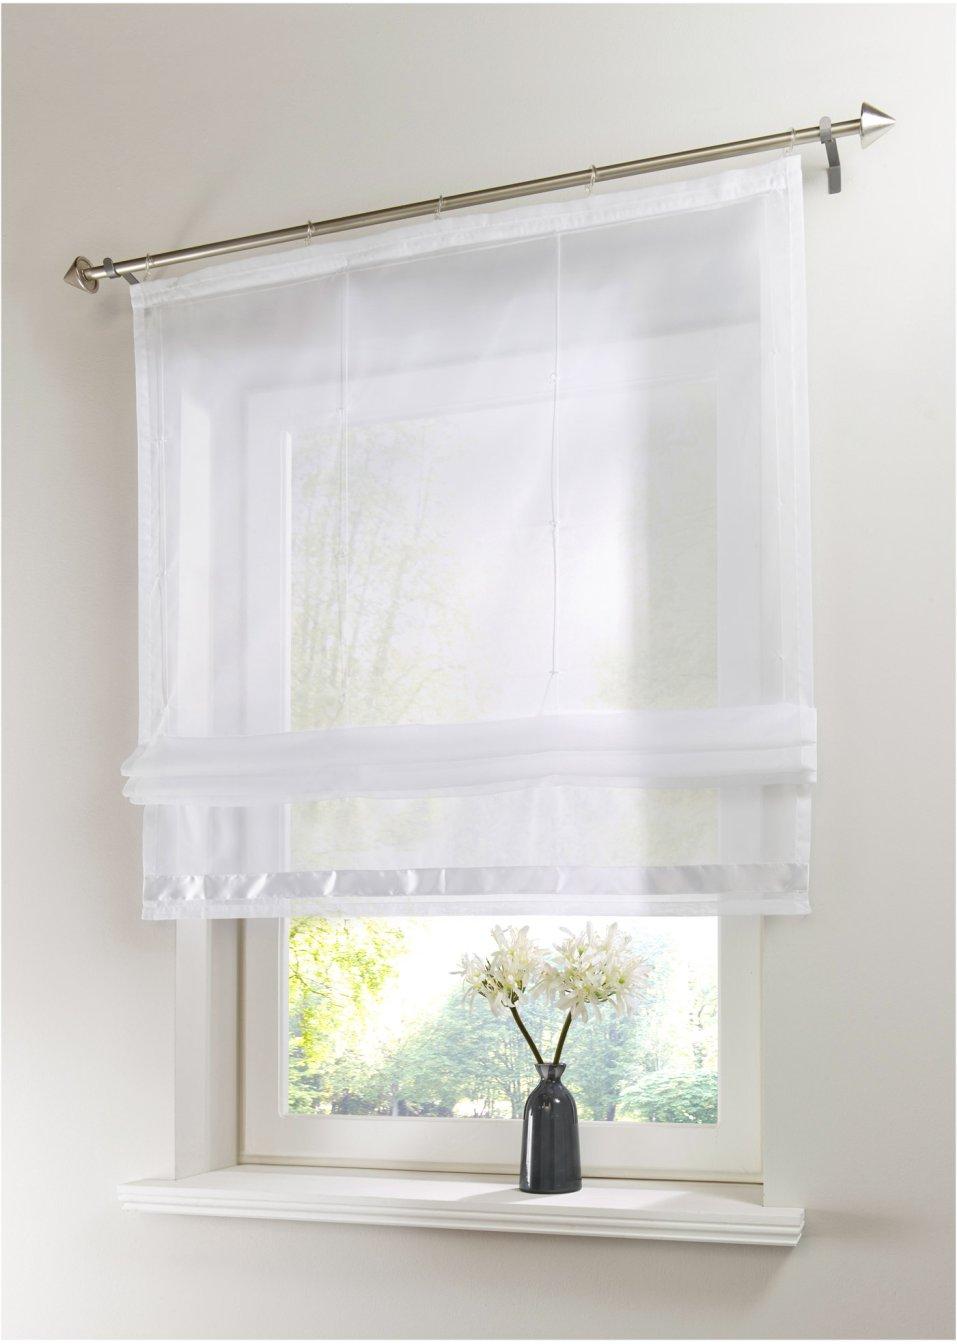 klassische optik mit h bschem satindetail raffrollo. Black Bedroom Furniture Sets. Home Design Ideas